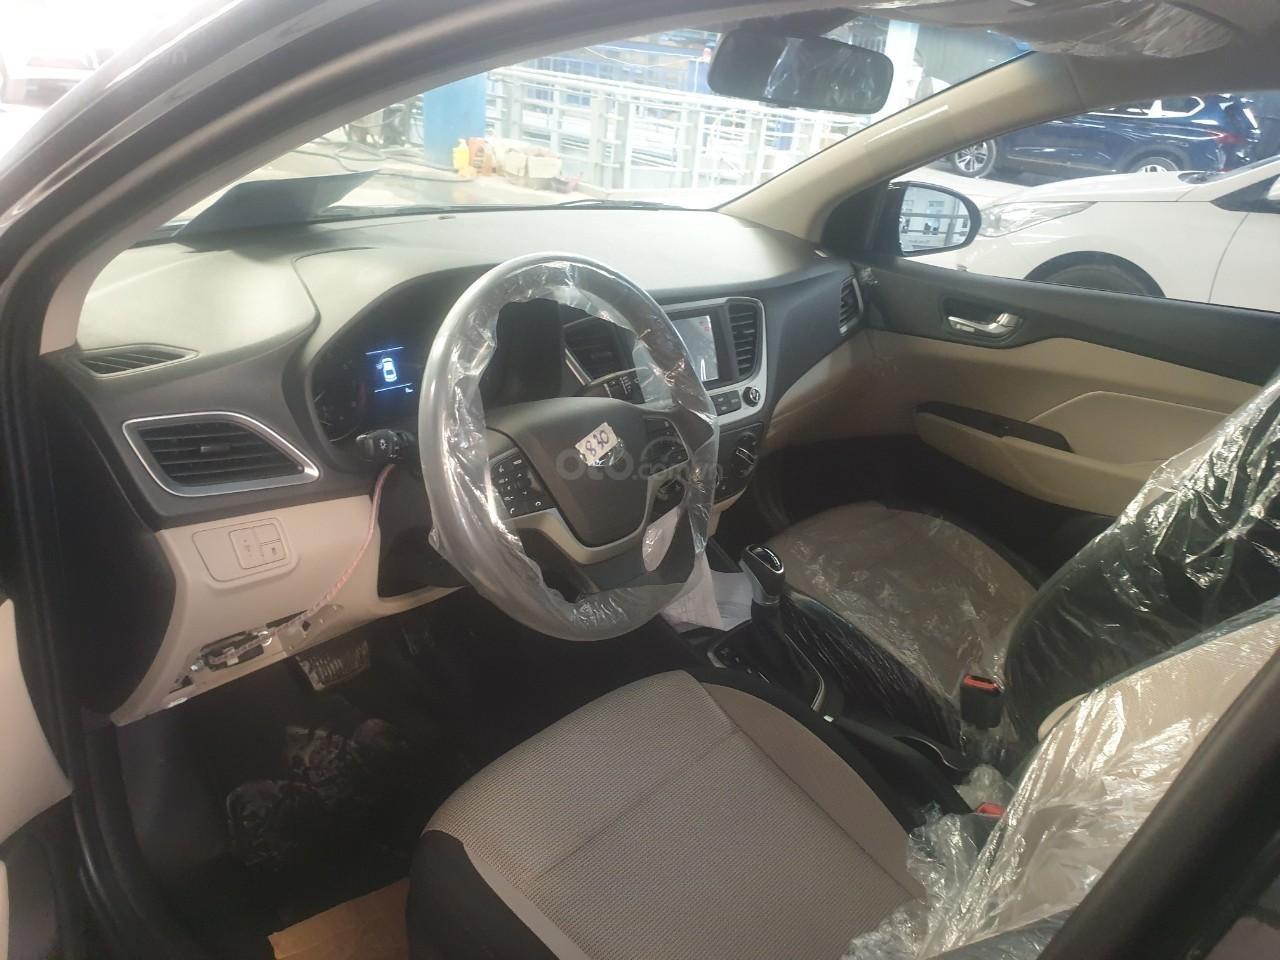 Bán Hyundai Accent số 2019, đủ màu trả trước 150tr, liên hệ Mr. Quang 0936167272 (5)